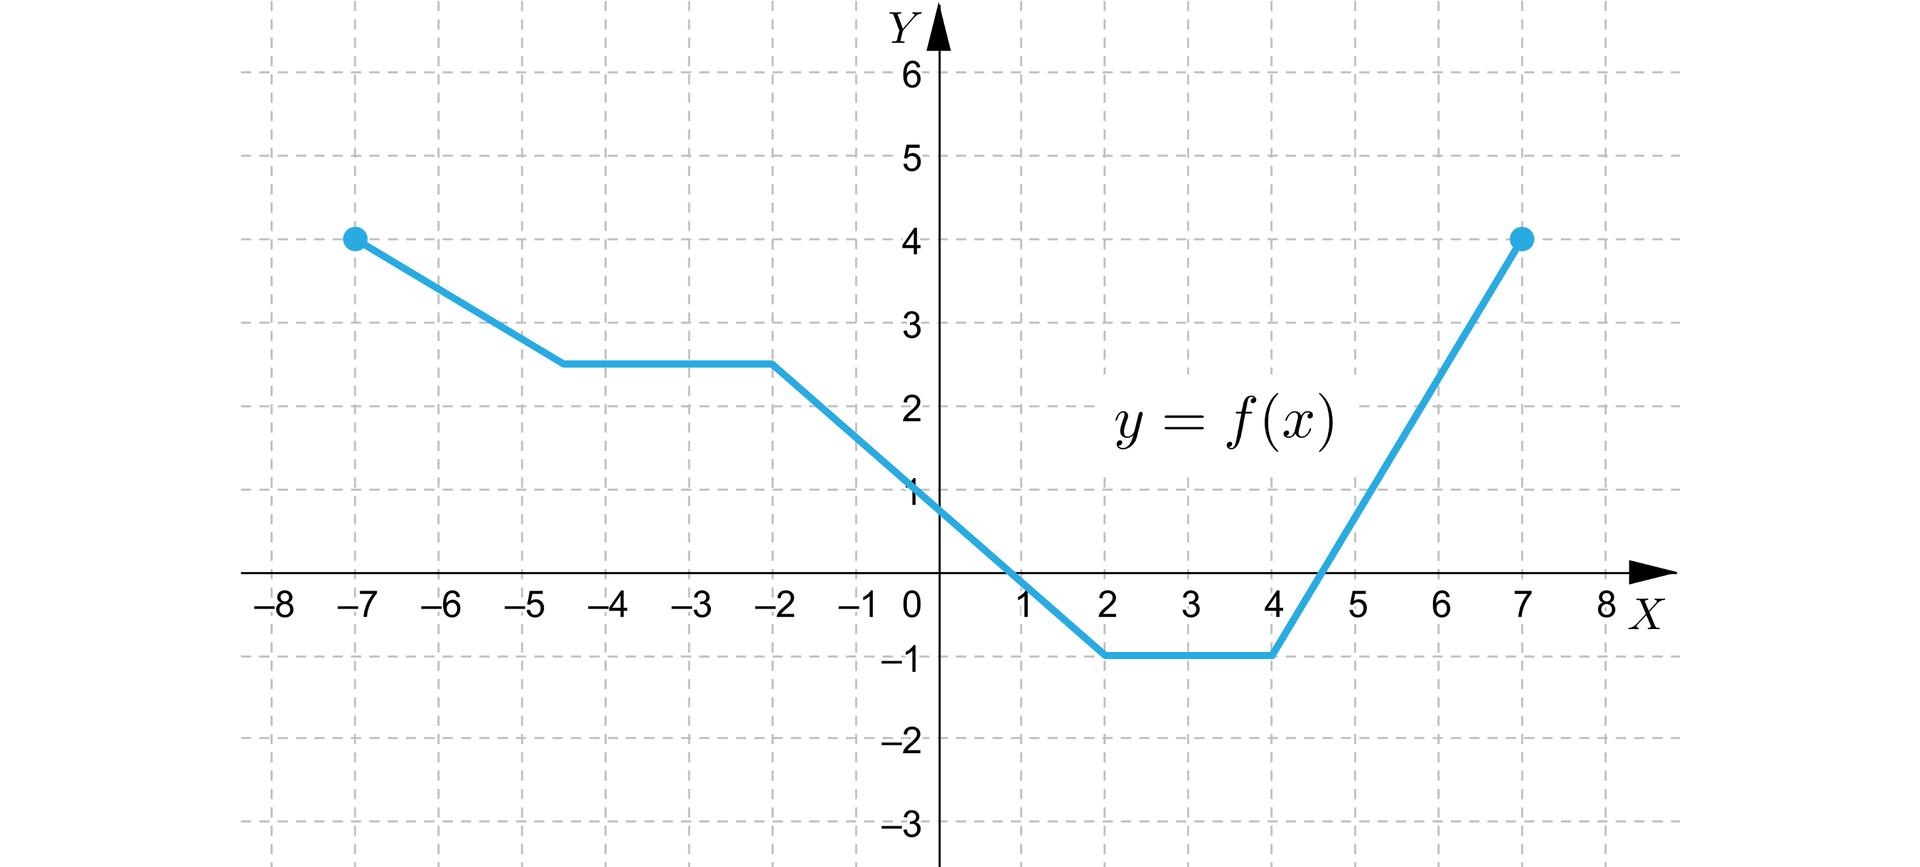 Ilustracja przedstawia układ współrzędnych zpoziomą osią X od minus ośmiu do ośmiu oraz zpionową osią Y od minus trzech do sześciu. Wykres funkcji leży wpierwszej, drugiej iczwartej ćwiartce ijest łamaną otwartą opięciu bokach, czyli odcinkach. Początek pierwszego ukośnego boku łamanej znajduje się wpunkcie -7;4, akoniec tego boku znajduje się wpunkcie -412;212. Drugi bok łamanej zaczyna się wkońcu poprzedniego ijest poziomy. Jego koniec jest wpunkcie -2;212. Trzeci bok zaczyna się wkońcu poprzedniego ijest ukośny. Jego koniec znajduje się wpunkcie 2;-1. Jest to również początek czwartego, poziomego boku łamanej okońcu wpunkcie o4;-1. Wtym punkcie zaczyna się piąty, ukośny bok łamanej, którego koniec jest wpunkcie 7;4.